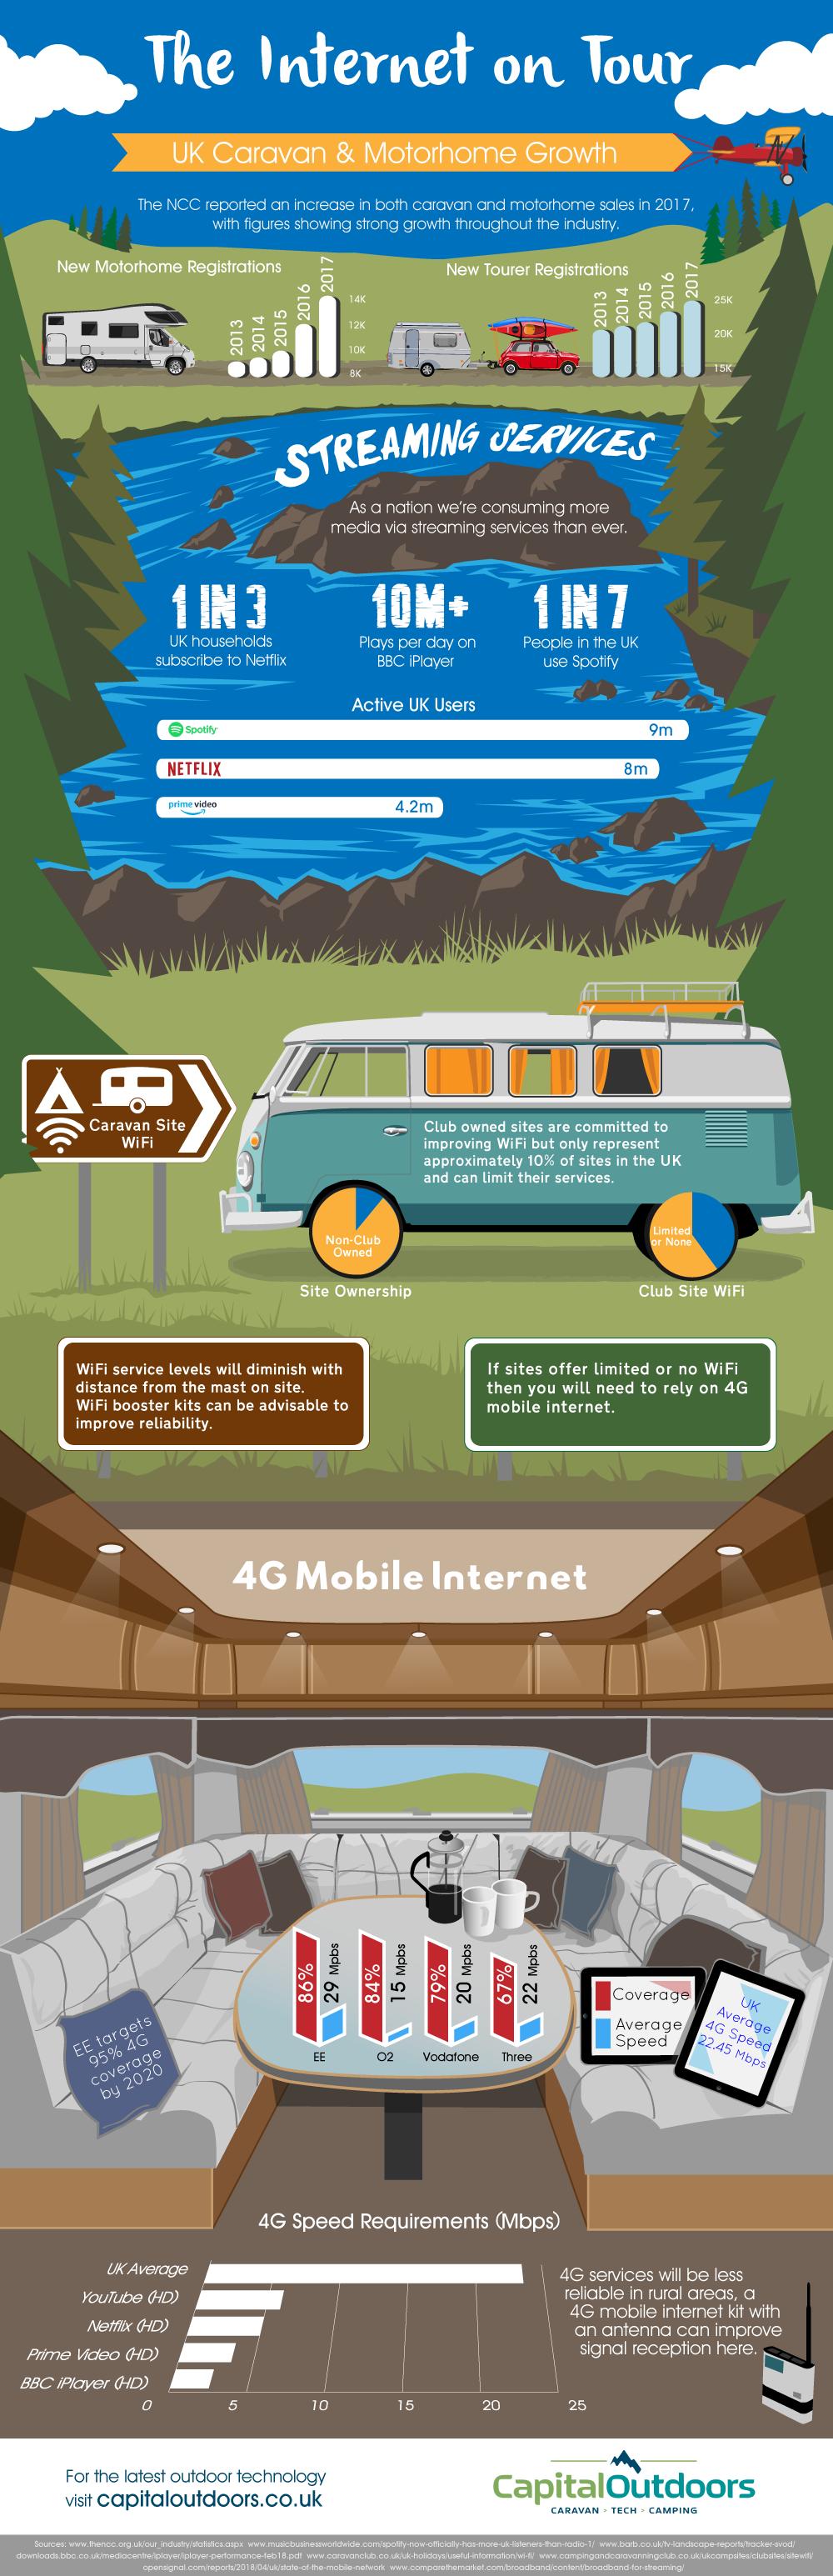 WiFi On Tour Infographic